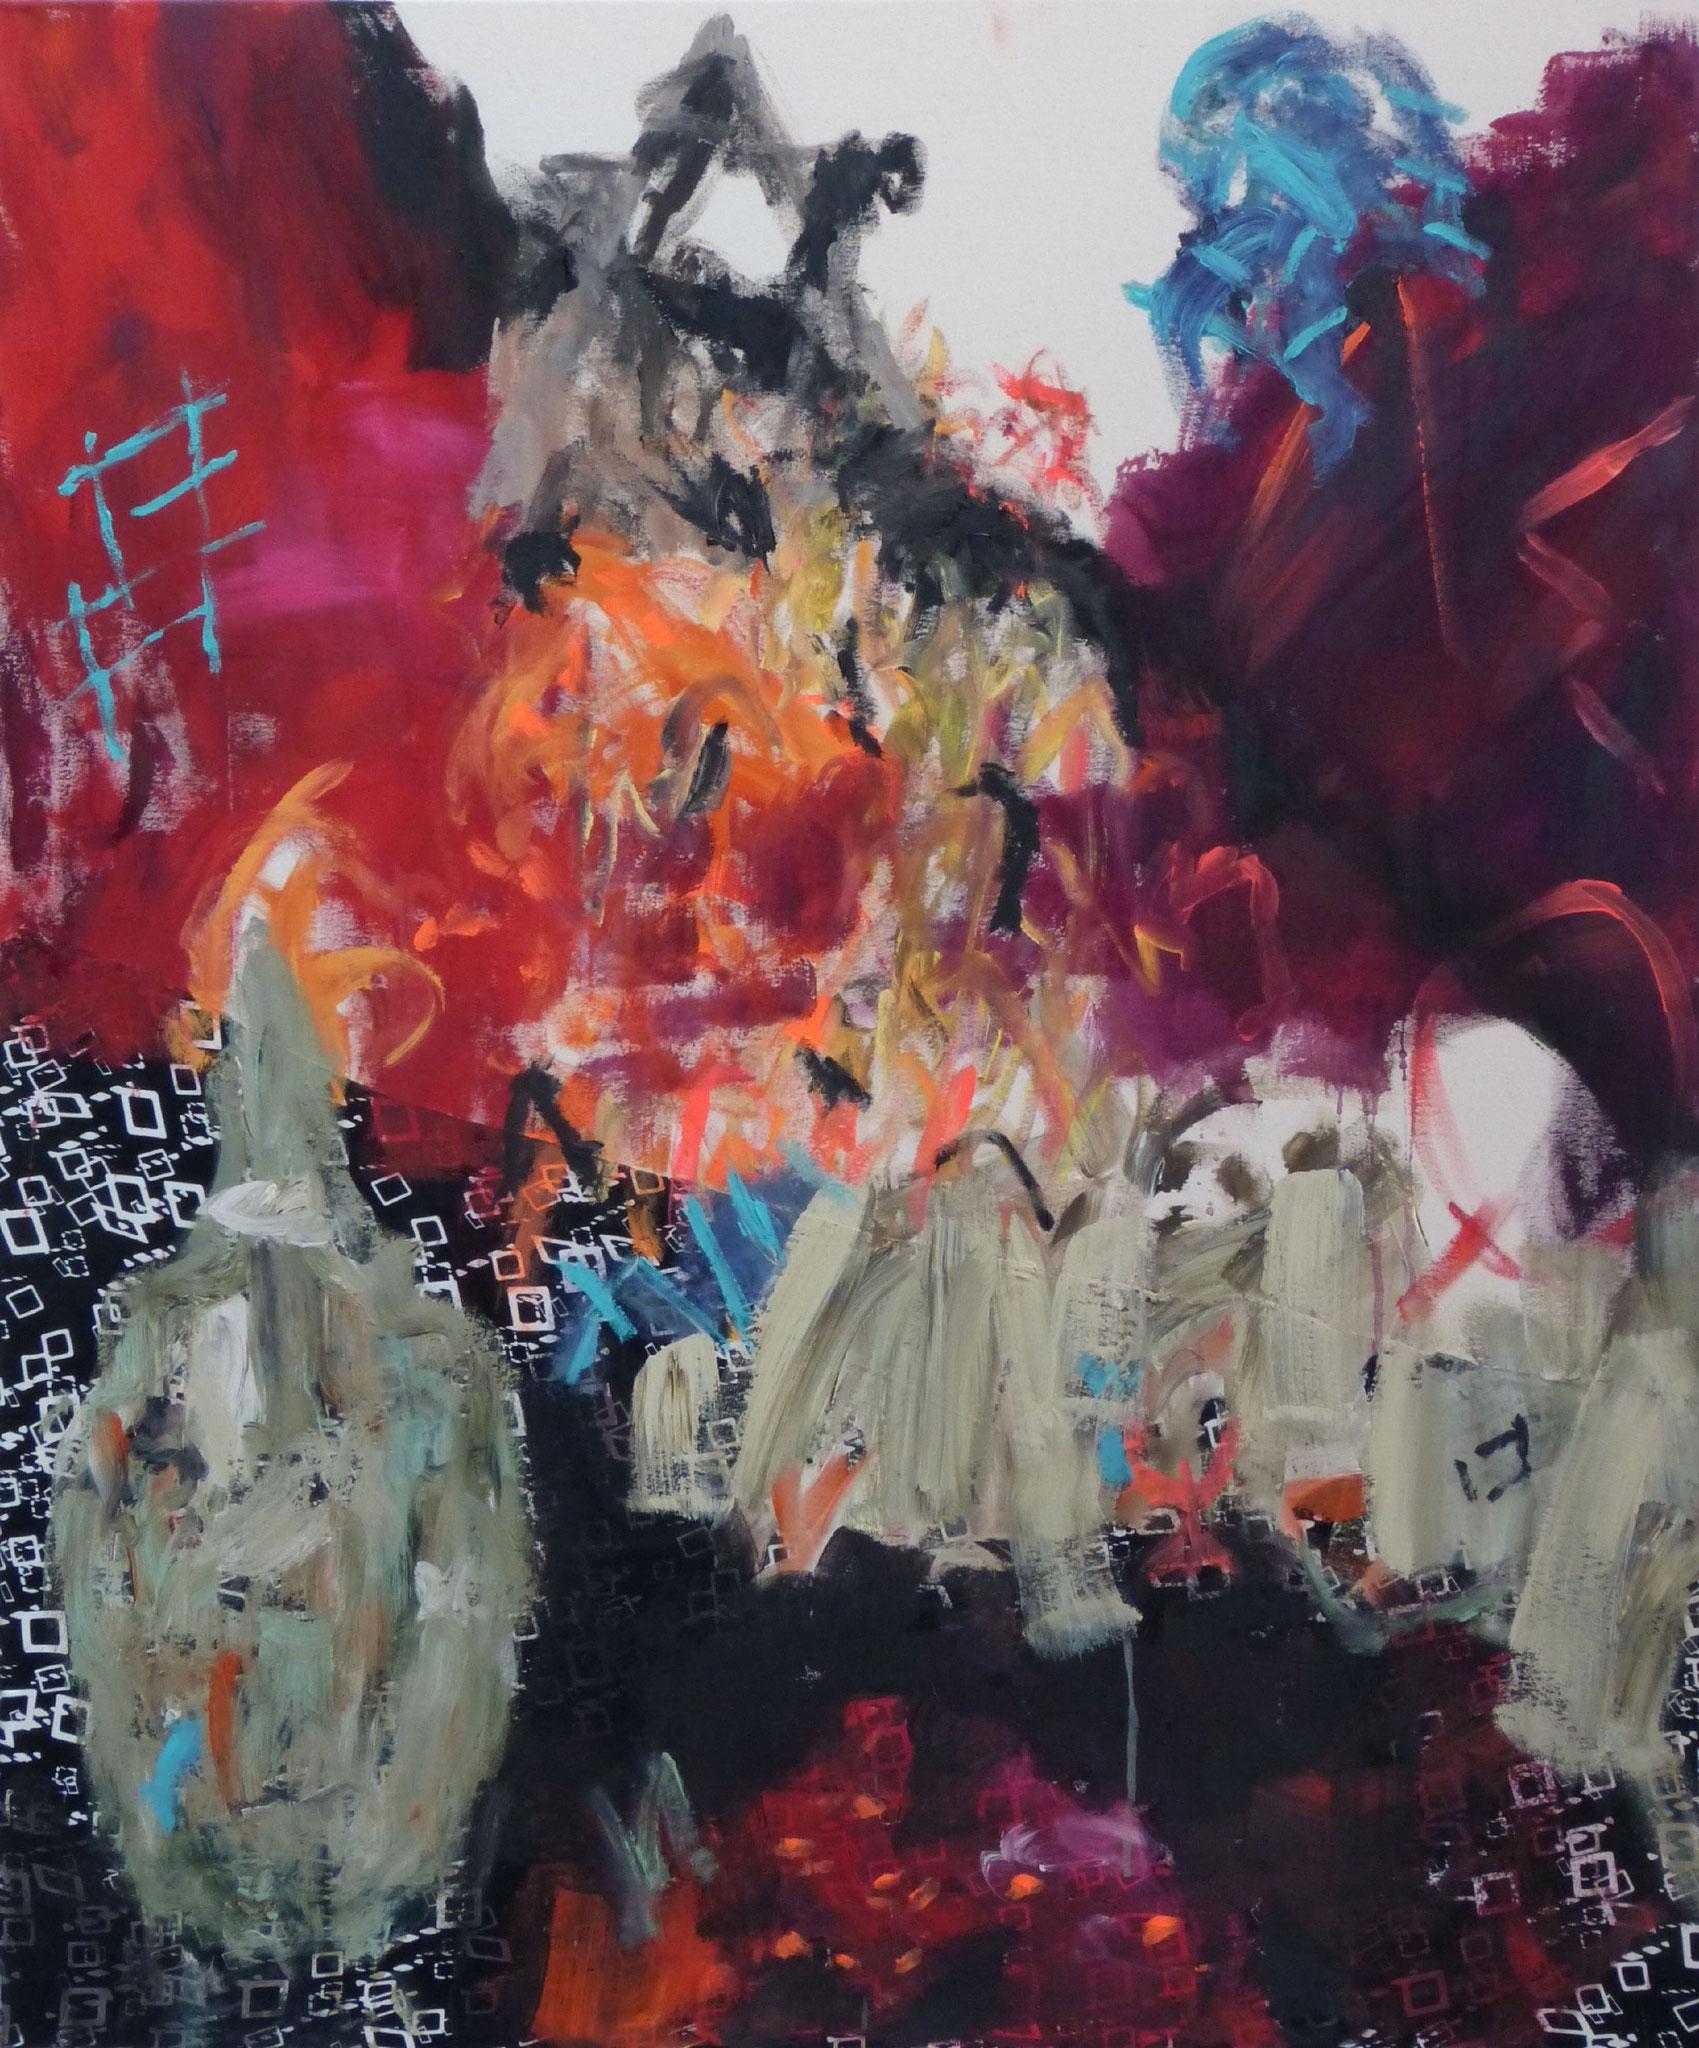 Marrakesch 6,  Acryl/Leinwand, 120x100 cm, 2018